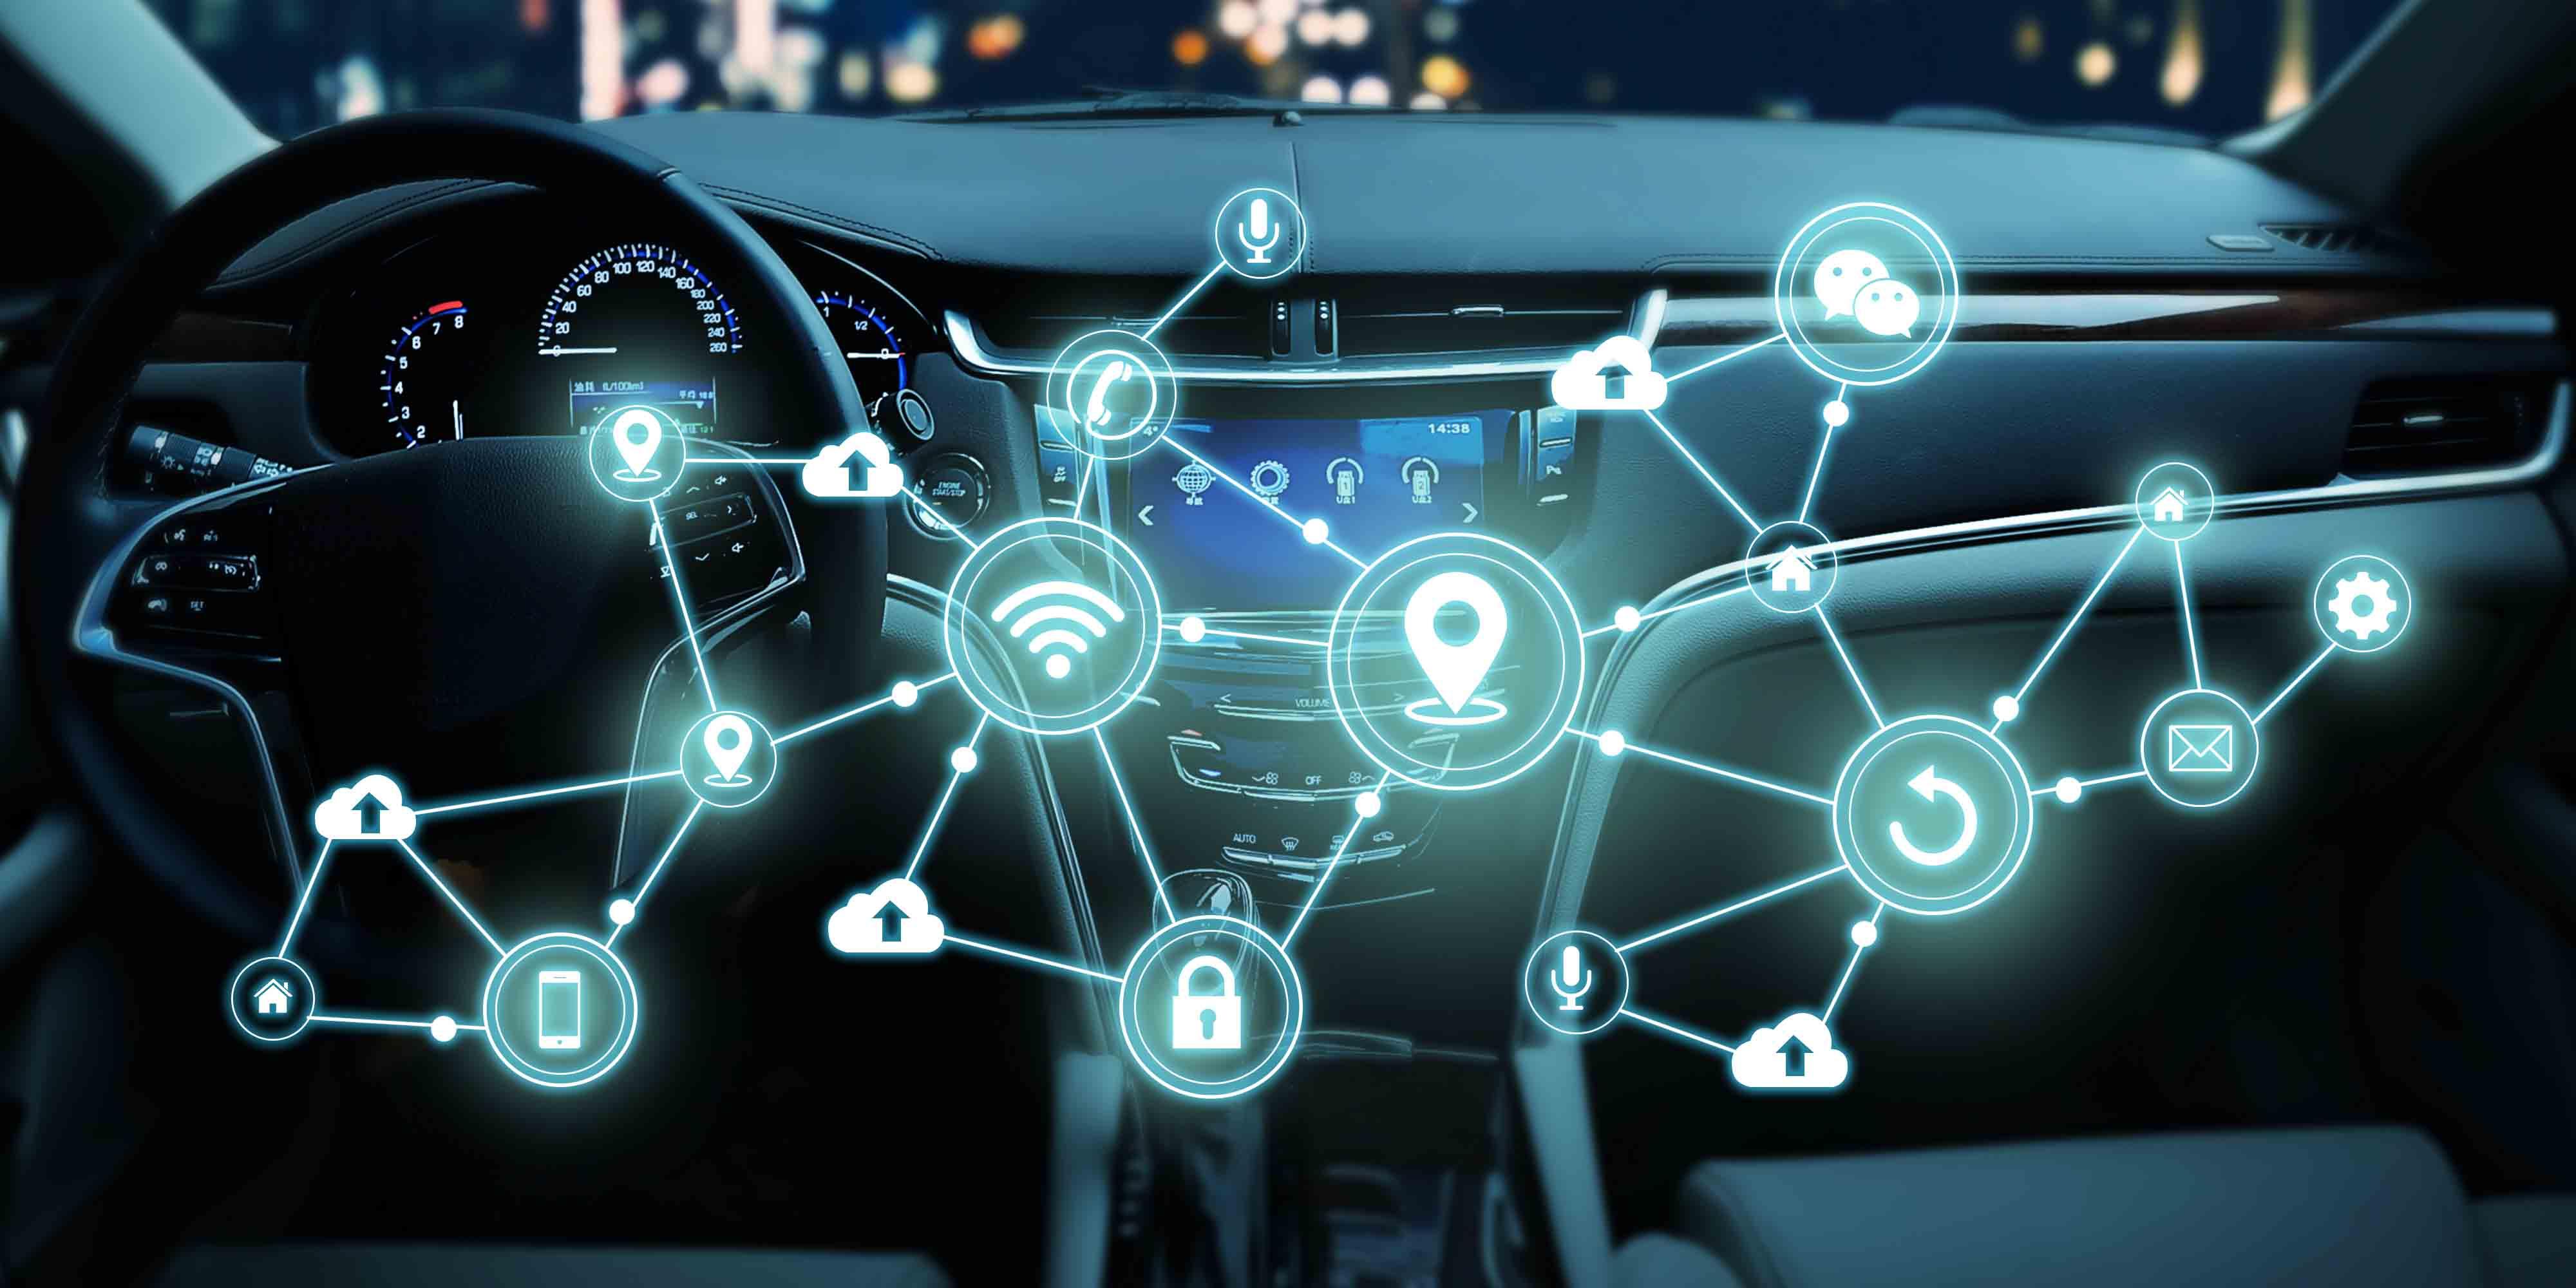 新浪新闻 从全球看,发展智能网联汽车已成为汽车产业大国的共识,智能